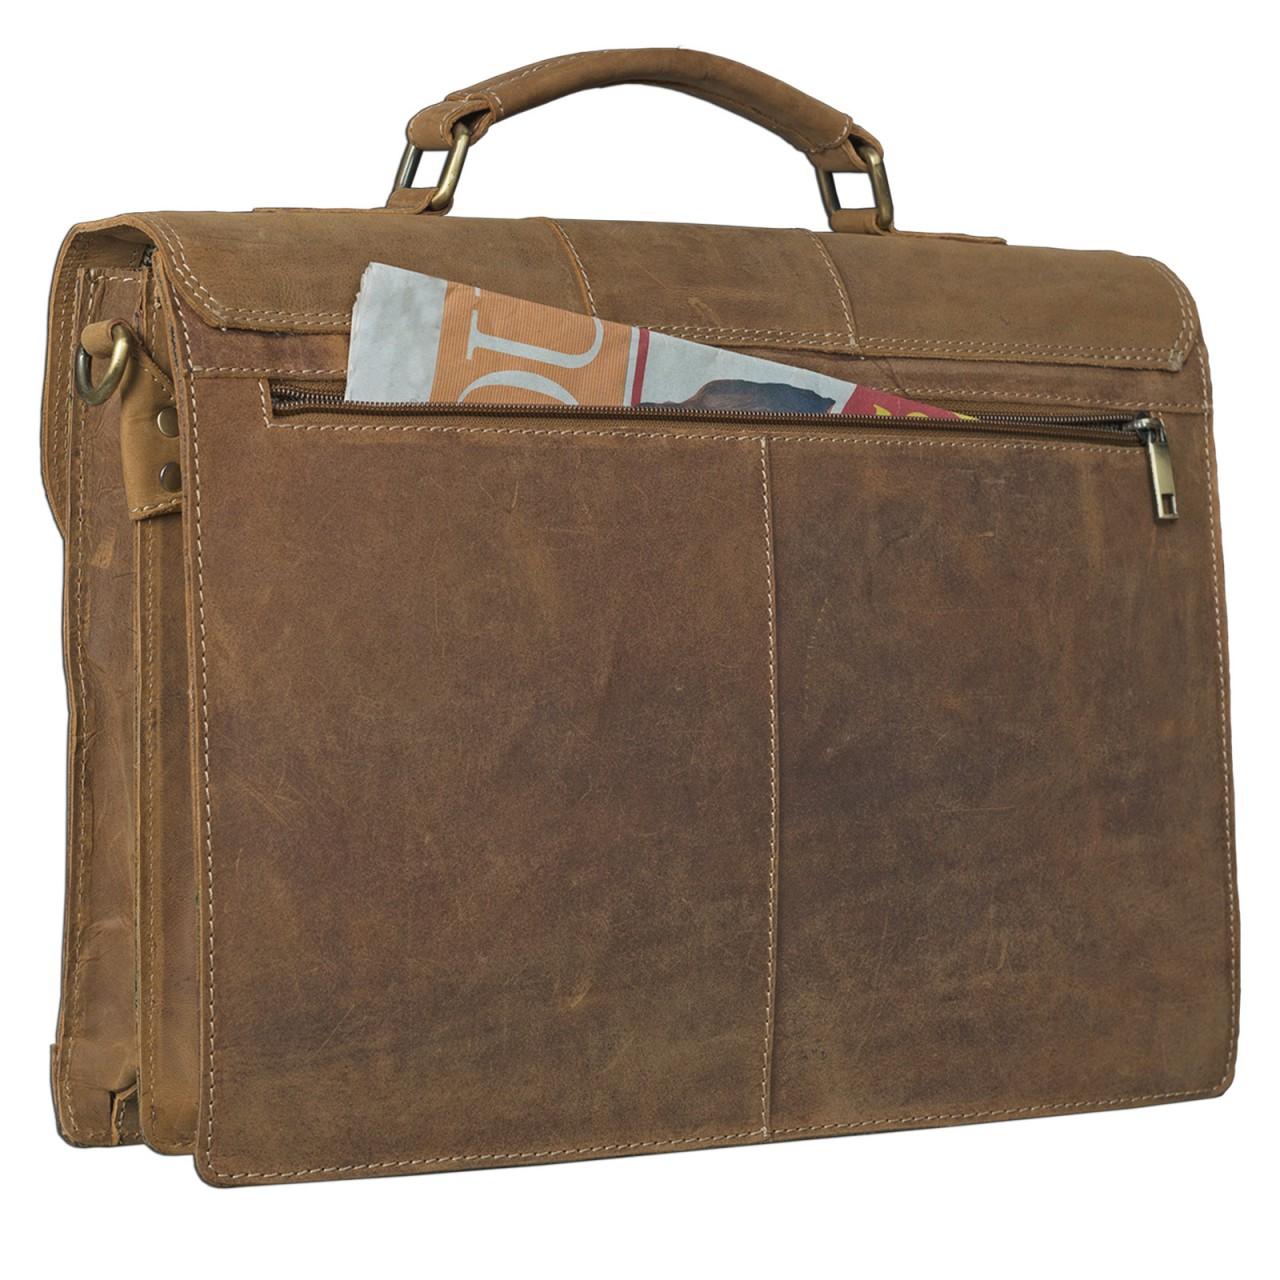 STILORD elegante Vintage Business Tasche Büro Freizeit Uni Studium aus echtem Leder mit Schloss und Tablet Fach Rinds Leder Braun - Bild 4